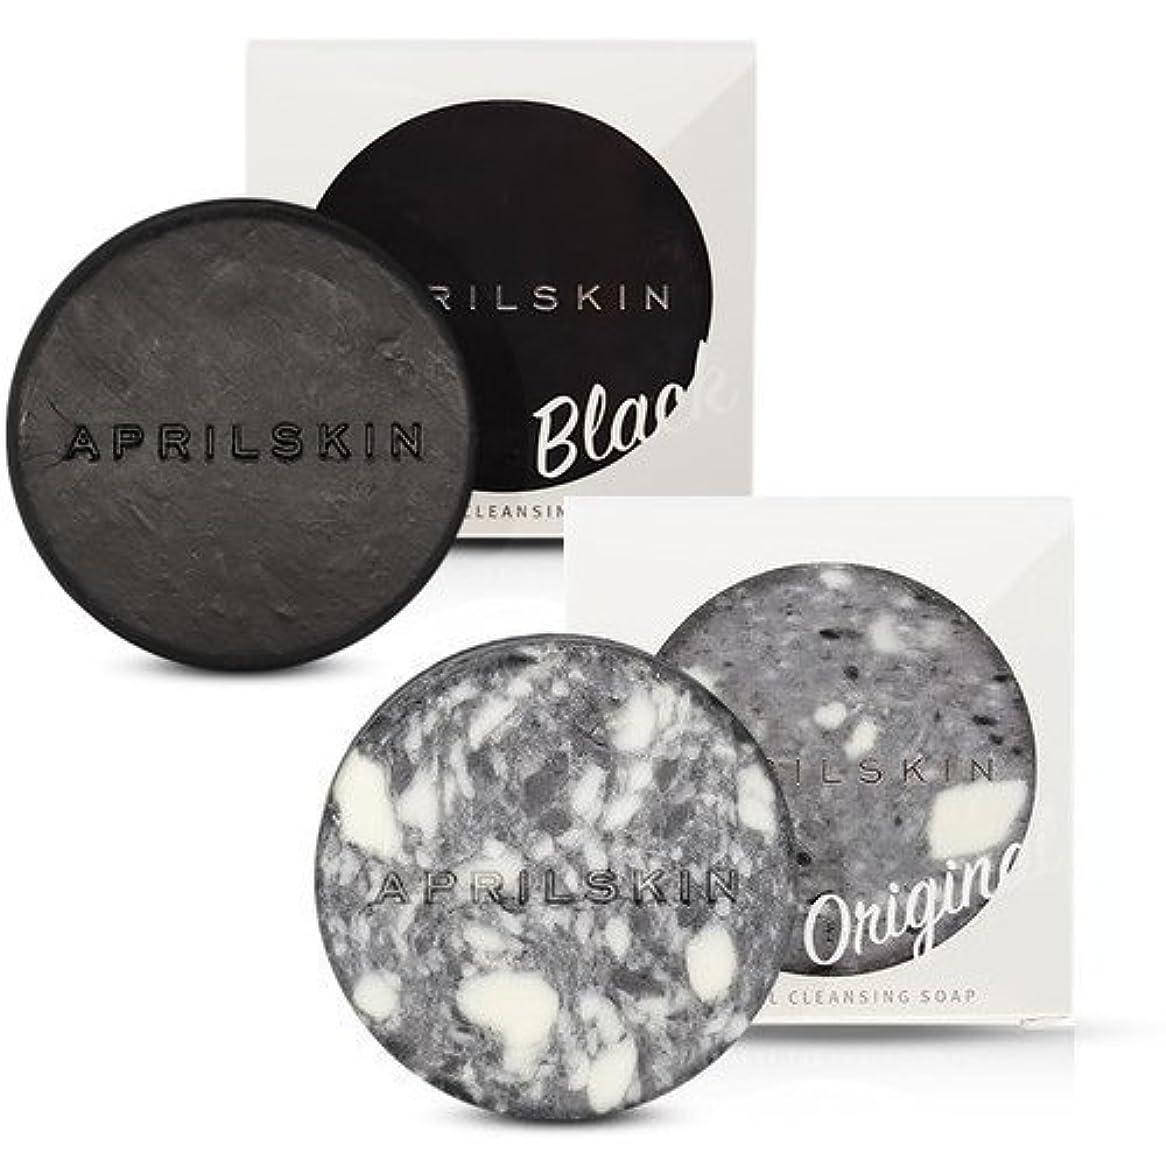 冷凍庫チューインガム同僚[1+1][APRILSKIN] エイプリルスキン国民石鹸 (APRIL SKIN マジックストーンのリニューアルバージョン新発売) (ORIGINAL+BLACK) [並行輸入品]